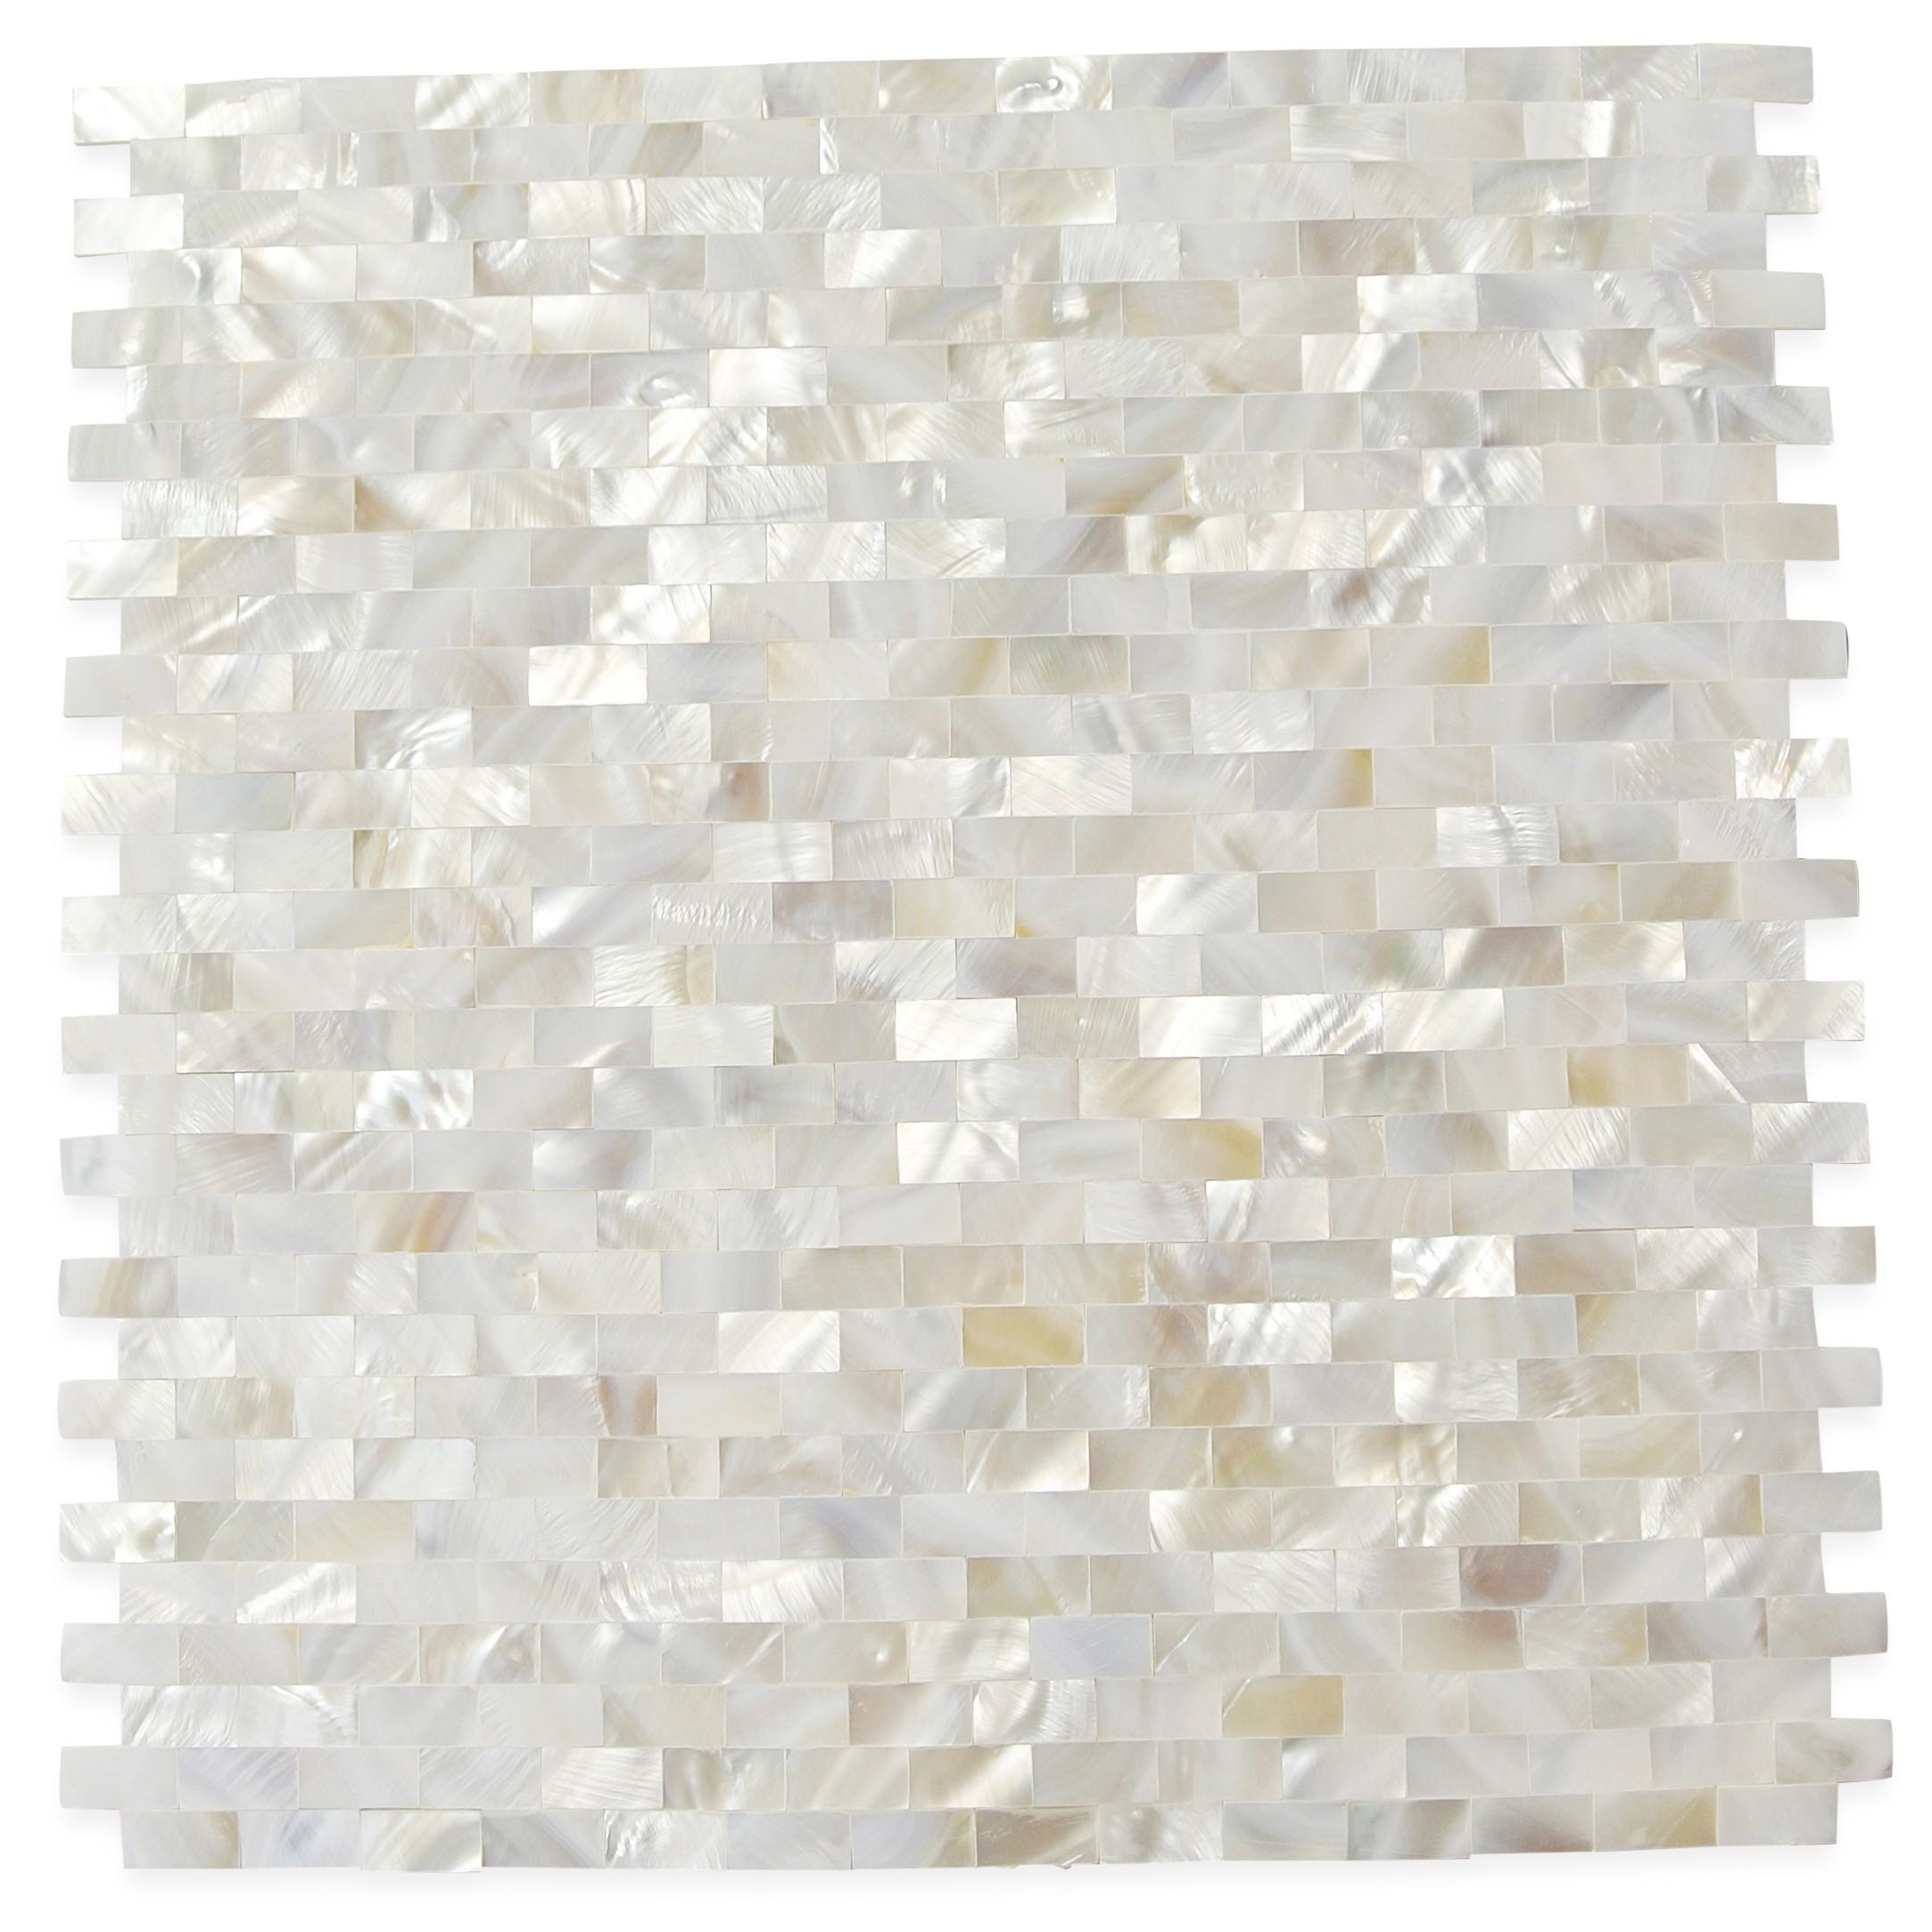 Serene White Bricks Seamless Pearl Shell Tile